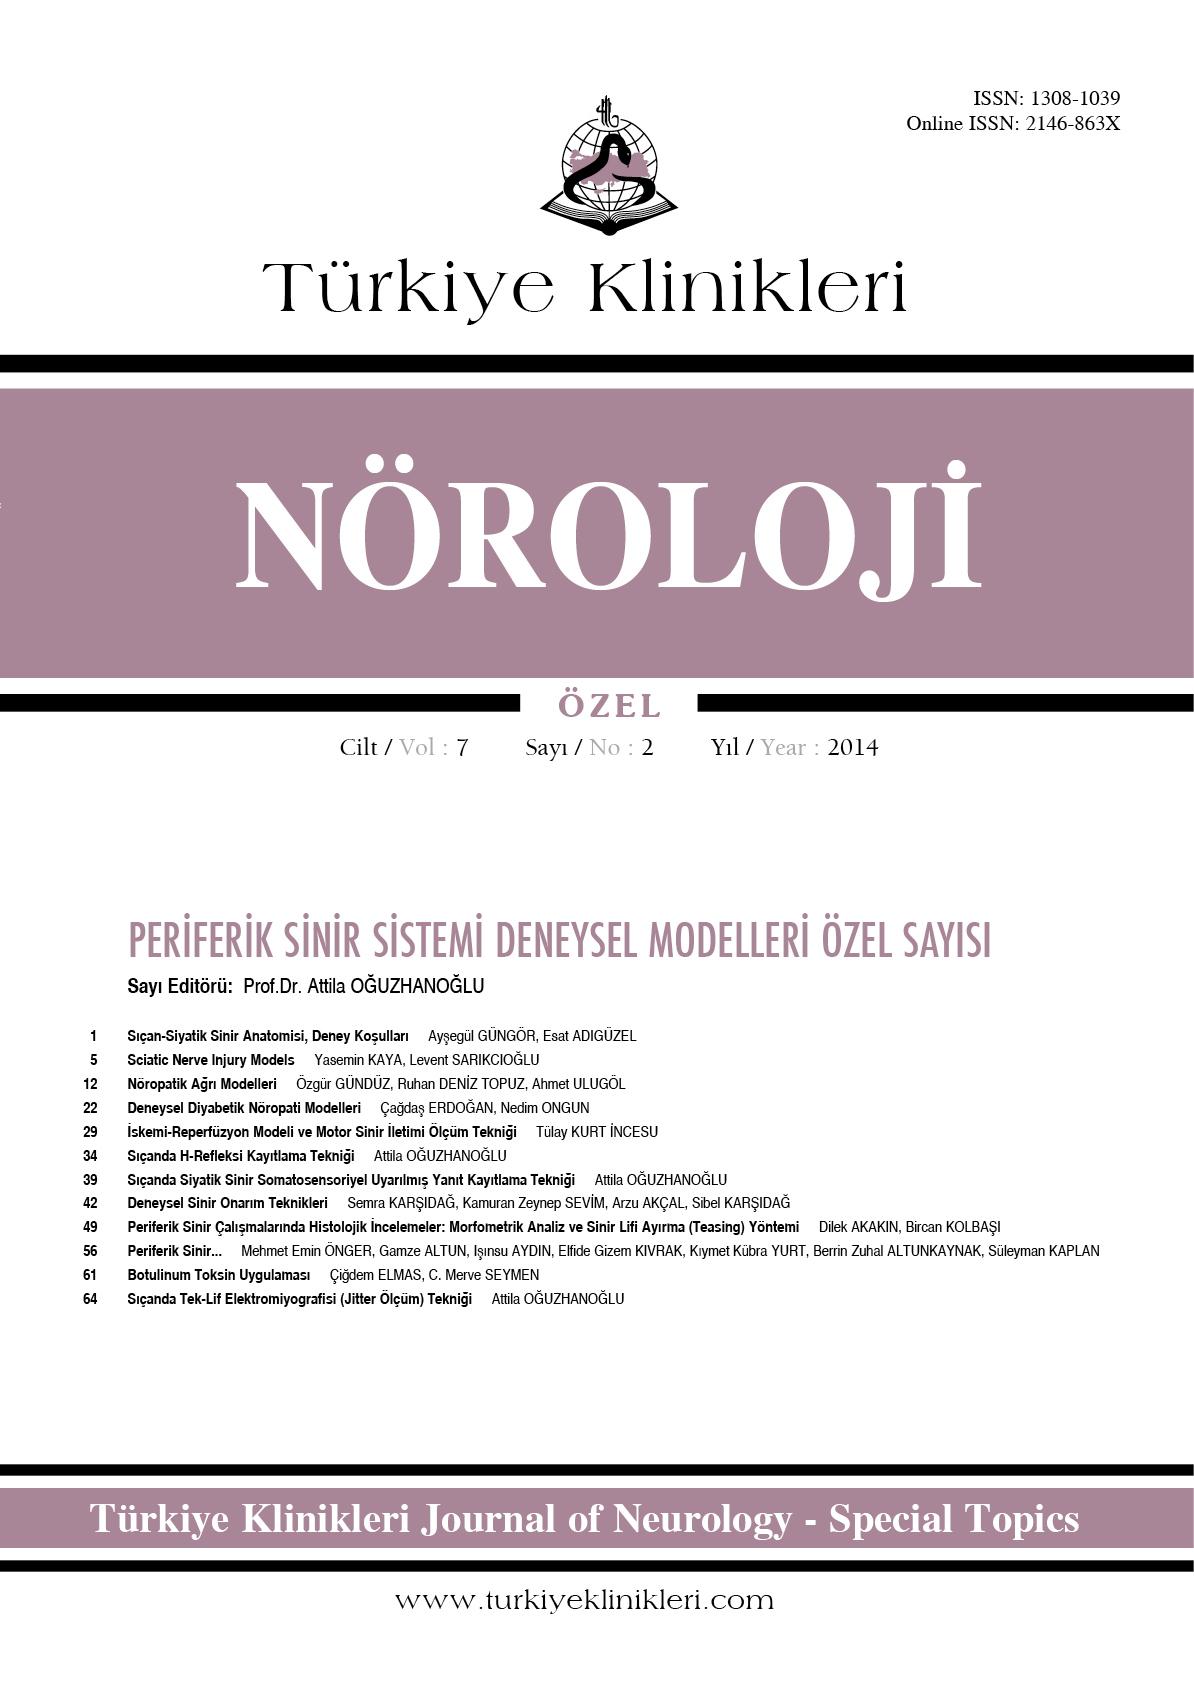 Türkiye klinikleri nöroloji özel dergisi sayı arşivi